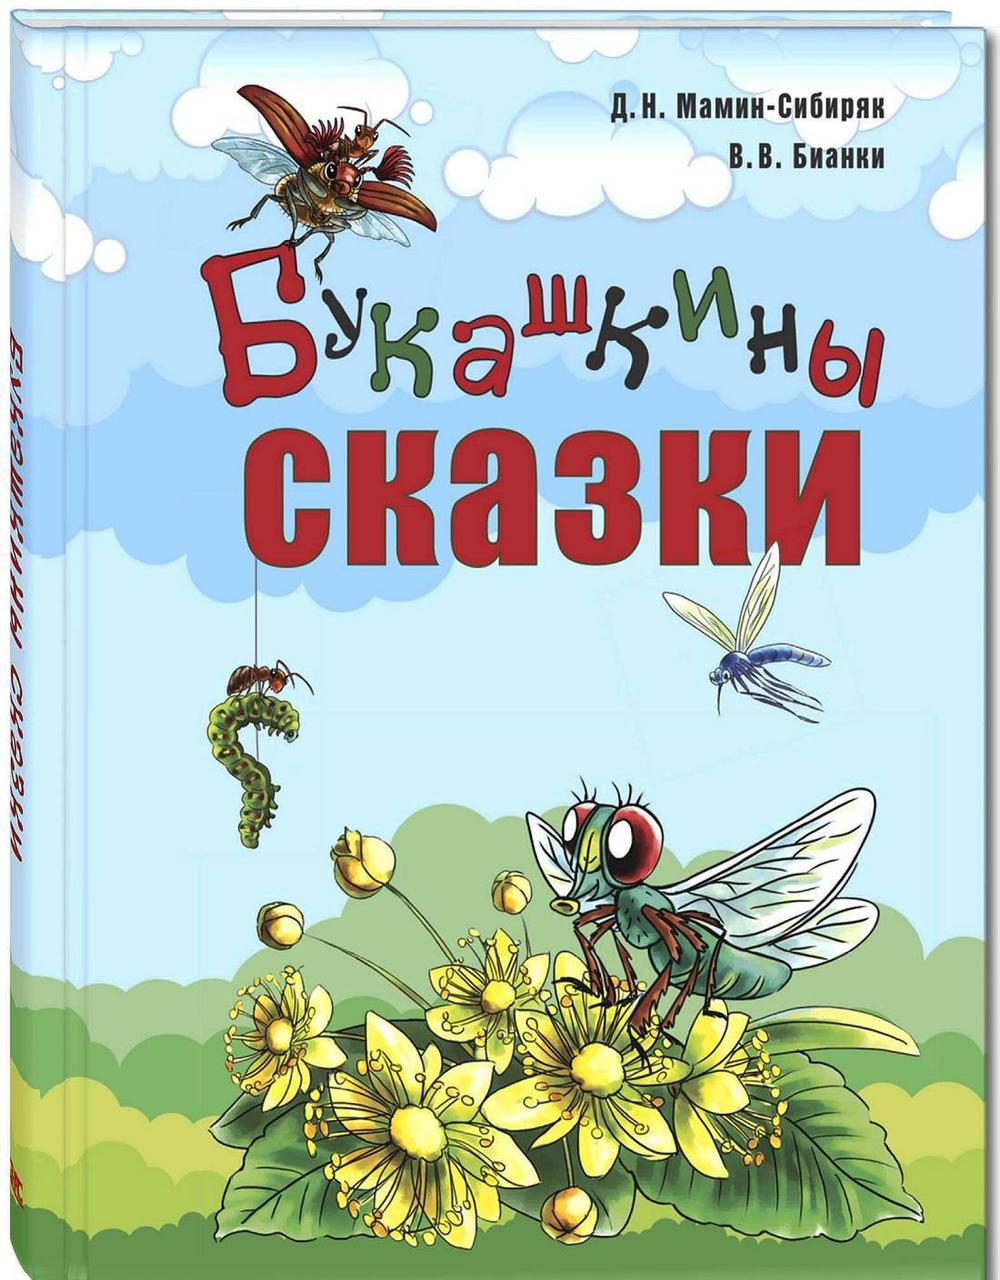 Букашкины сказки. Д. Мамин-Сибиряк, В. Бианки